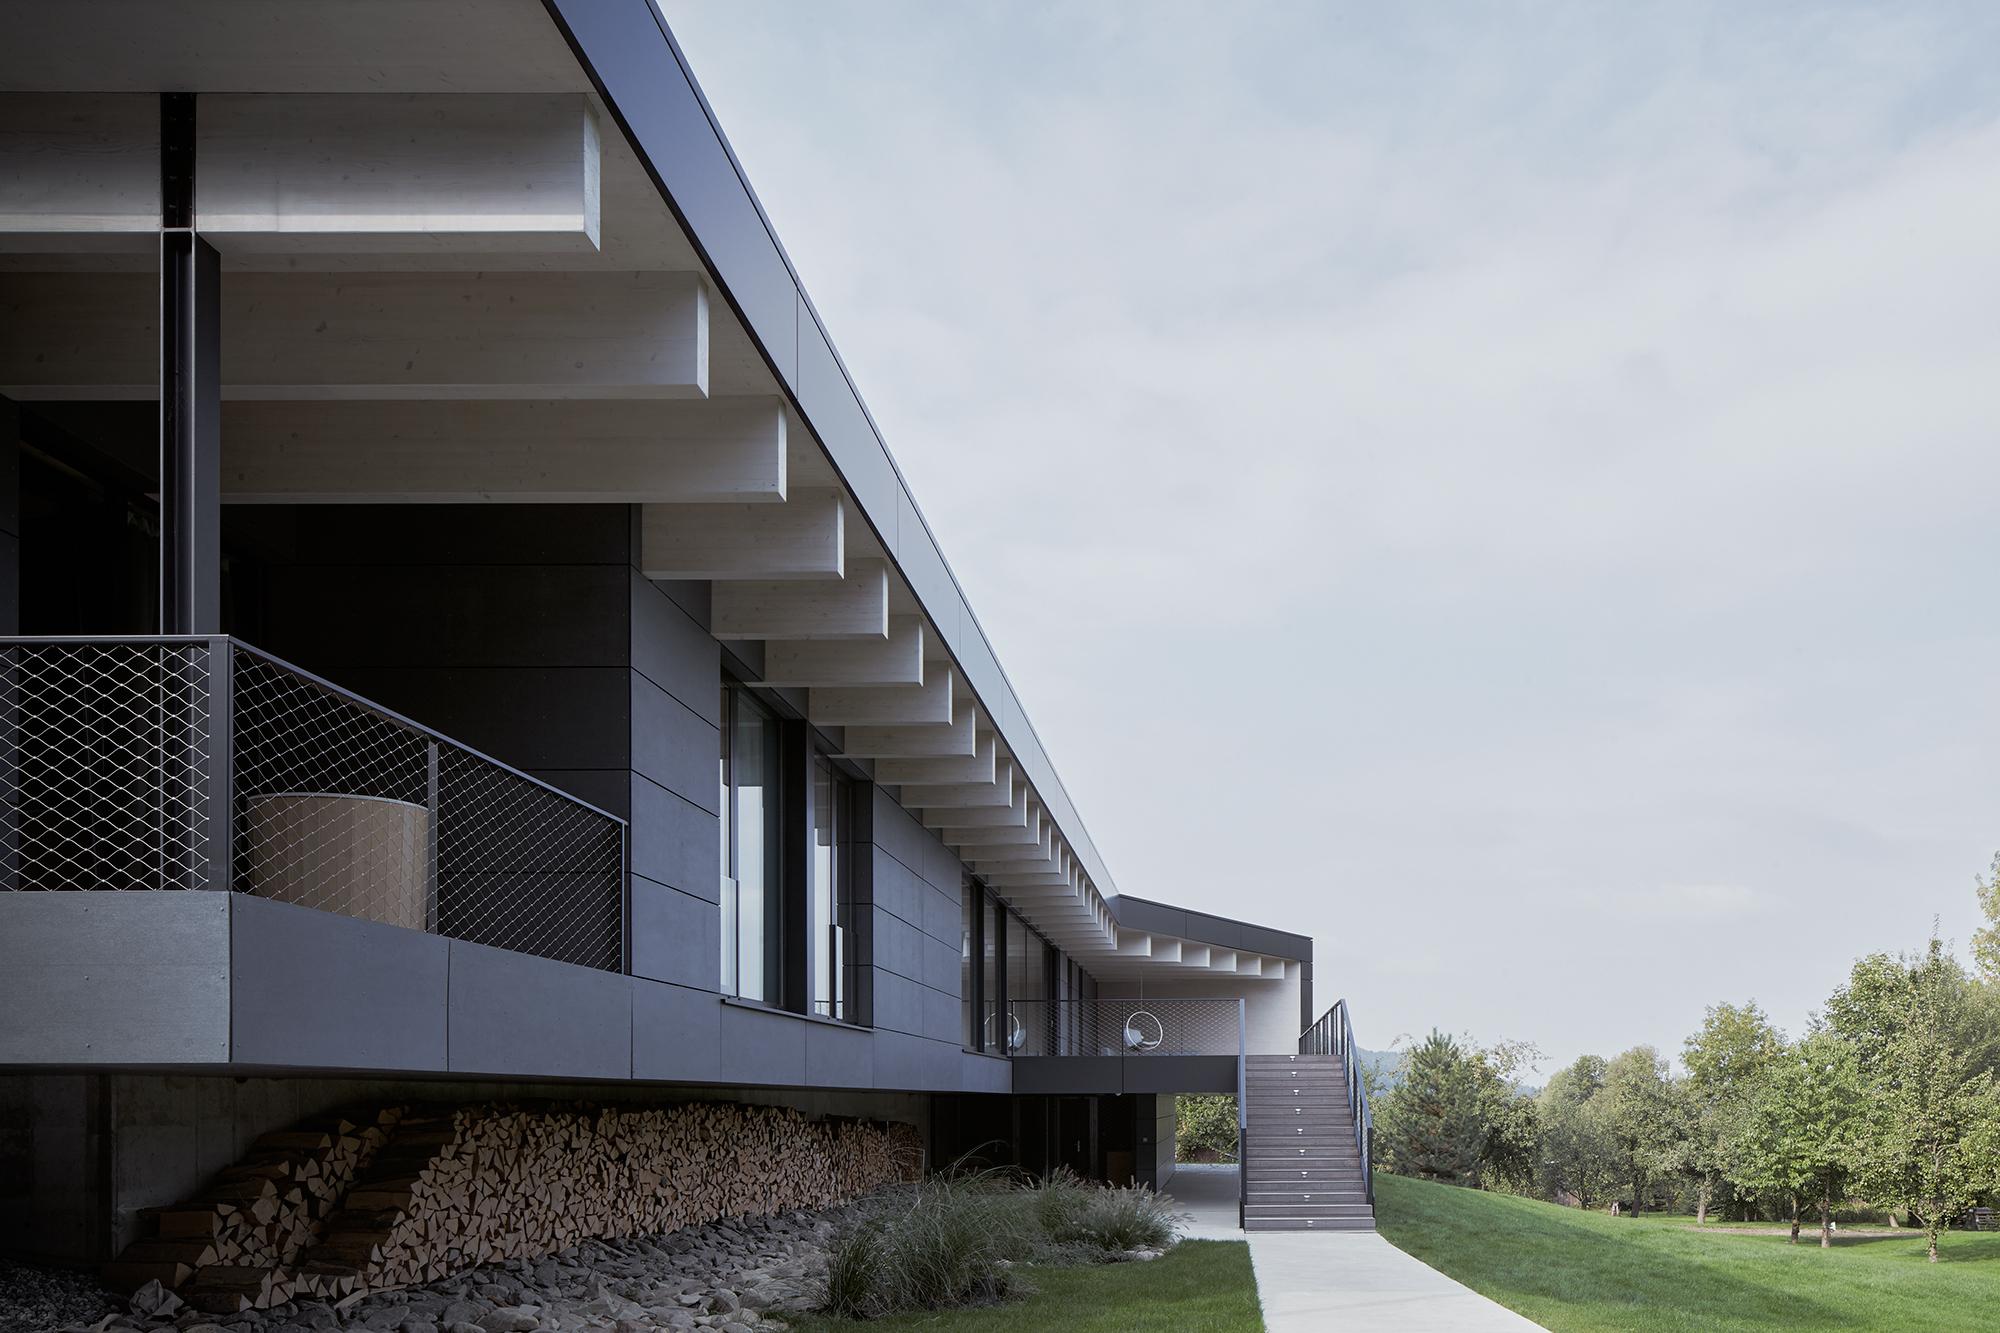 11_Letni_dum_Celadna_CMC_architects_BoysPlayNice.jpg